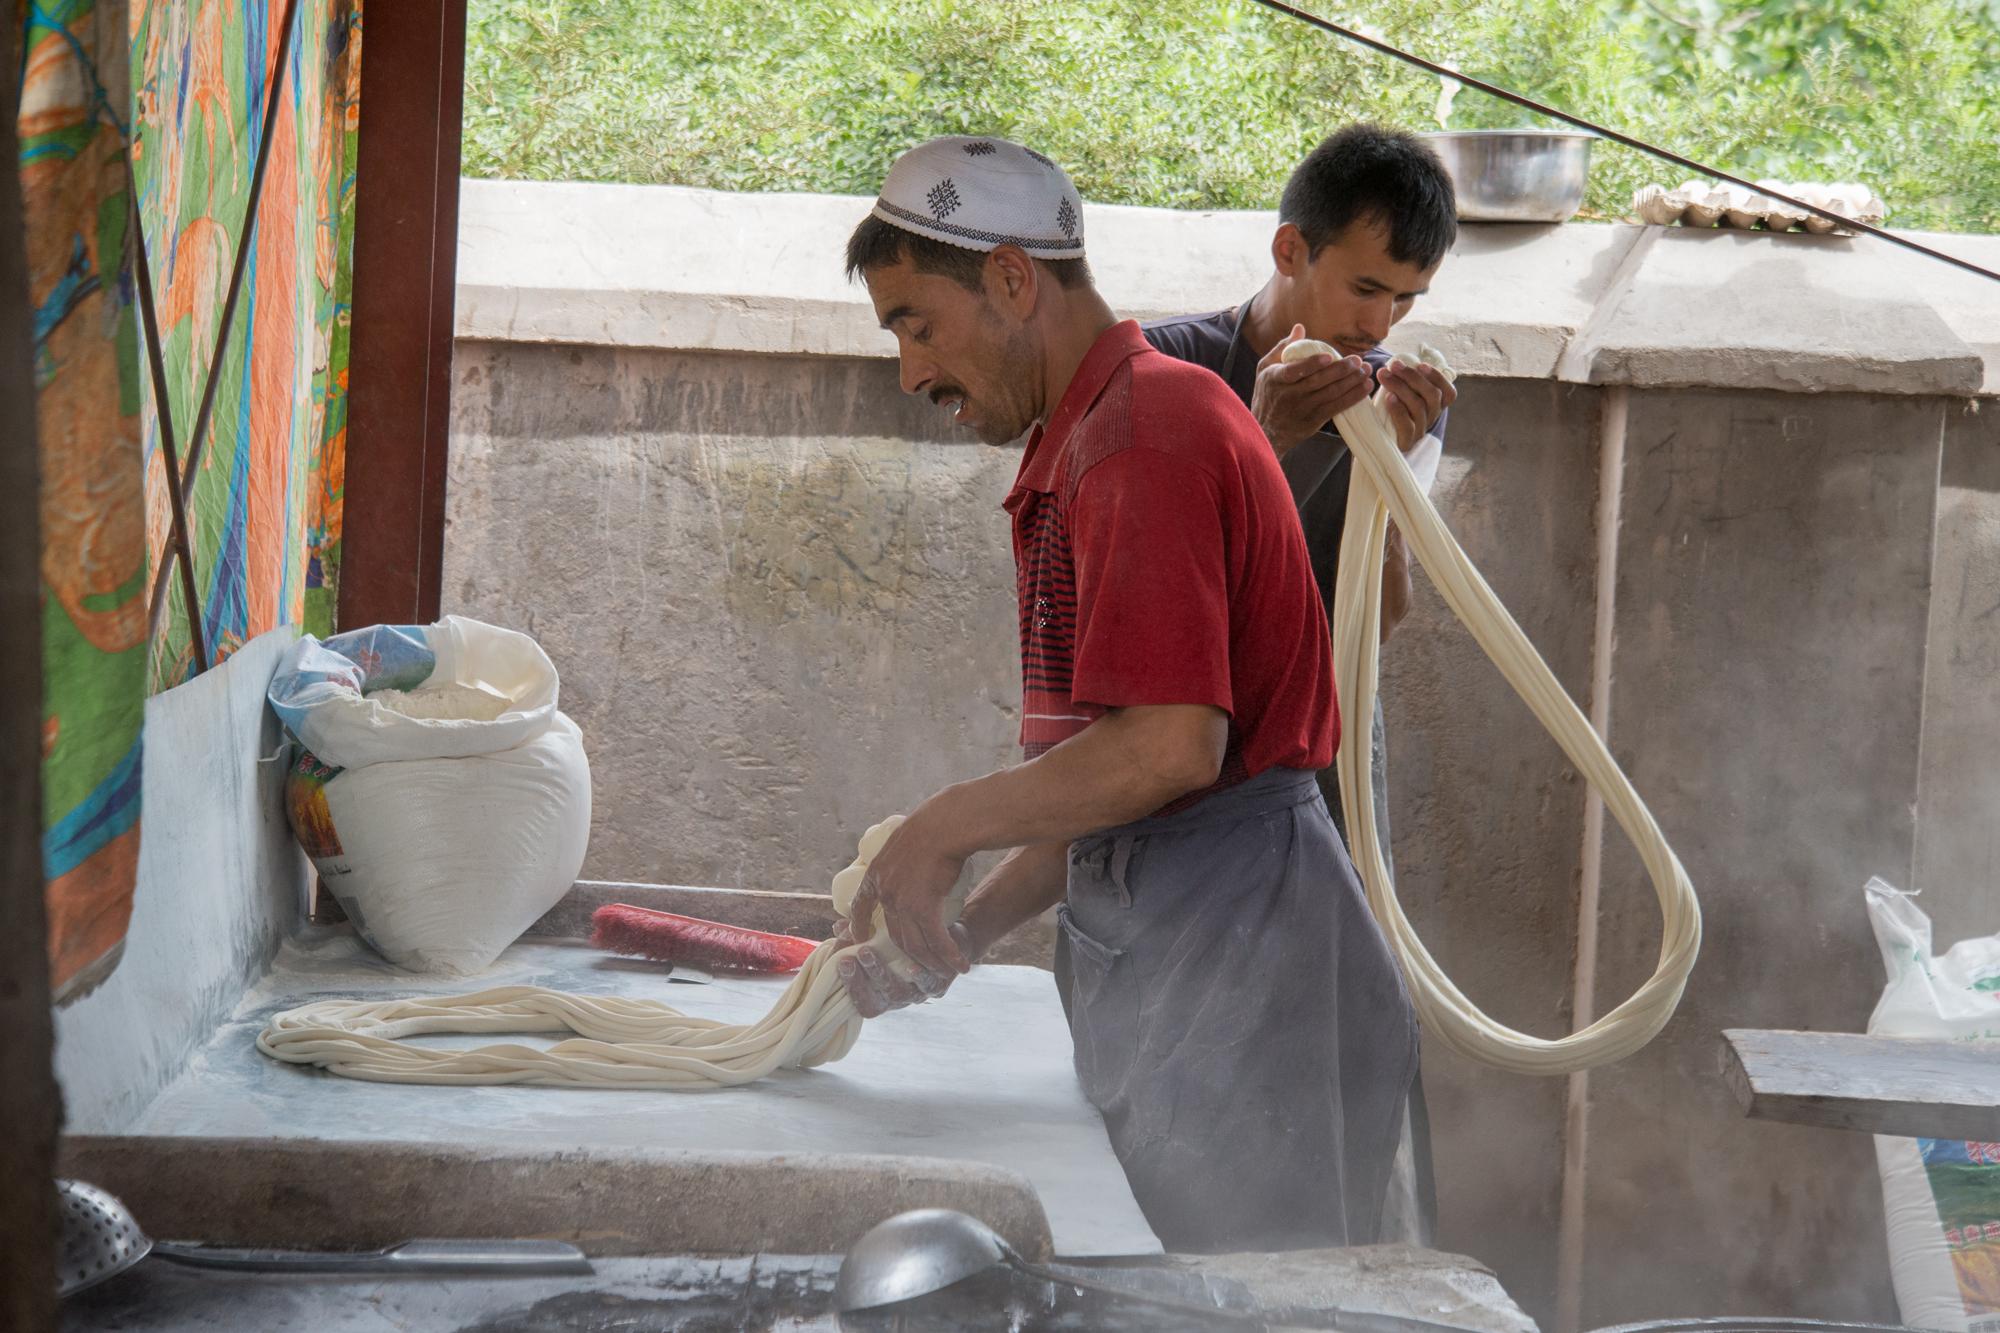 Making Uyghur laghman noodles